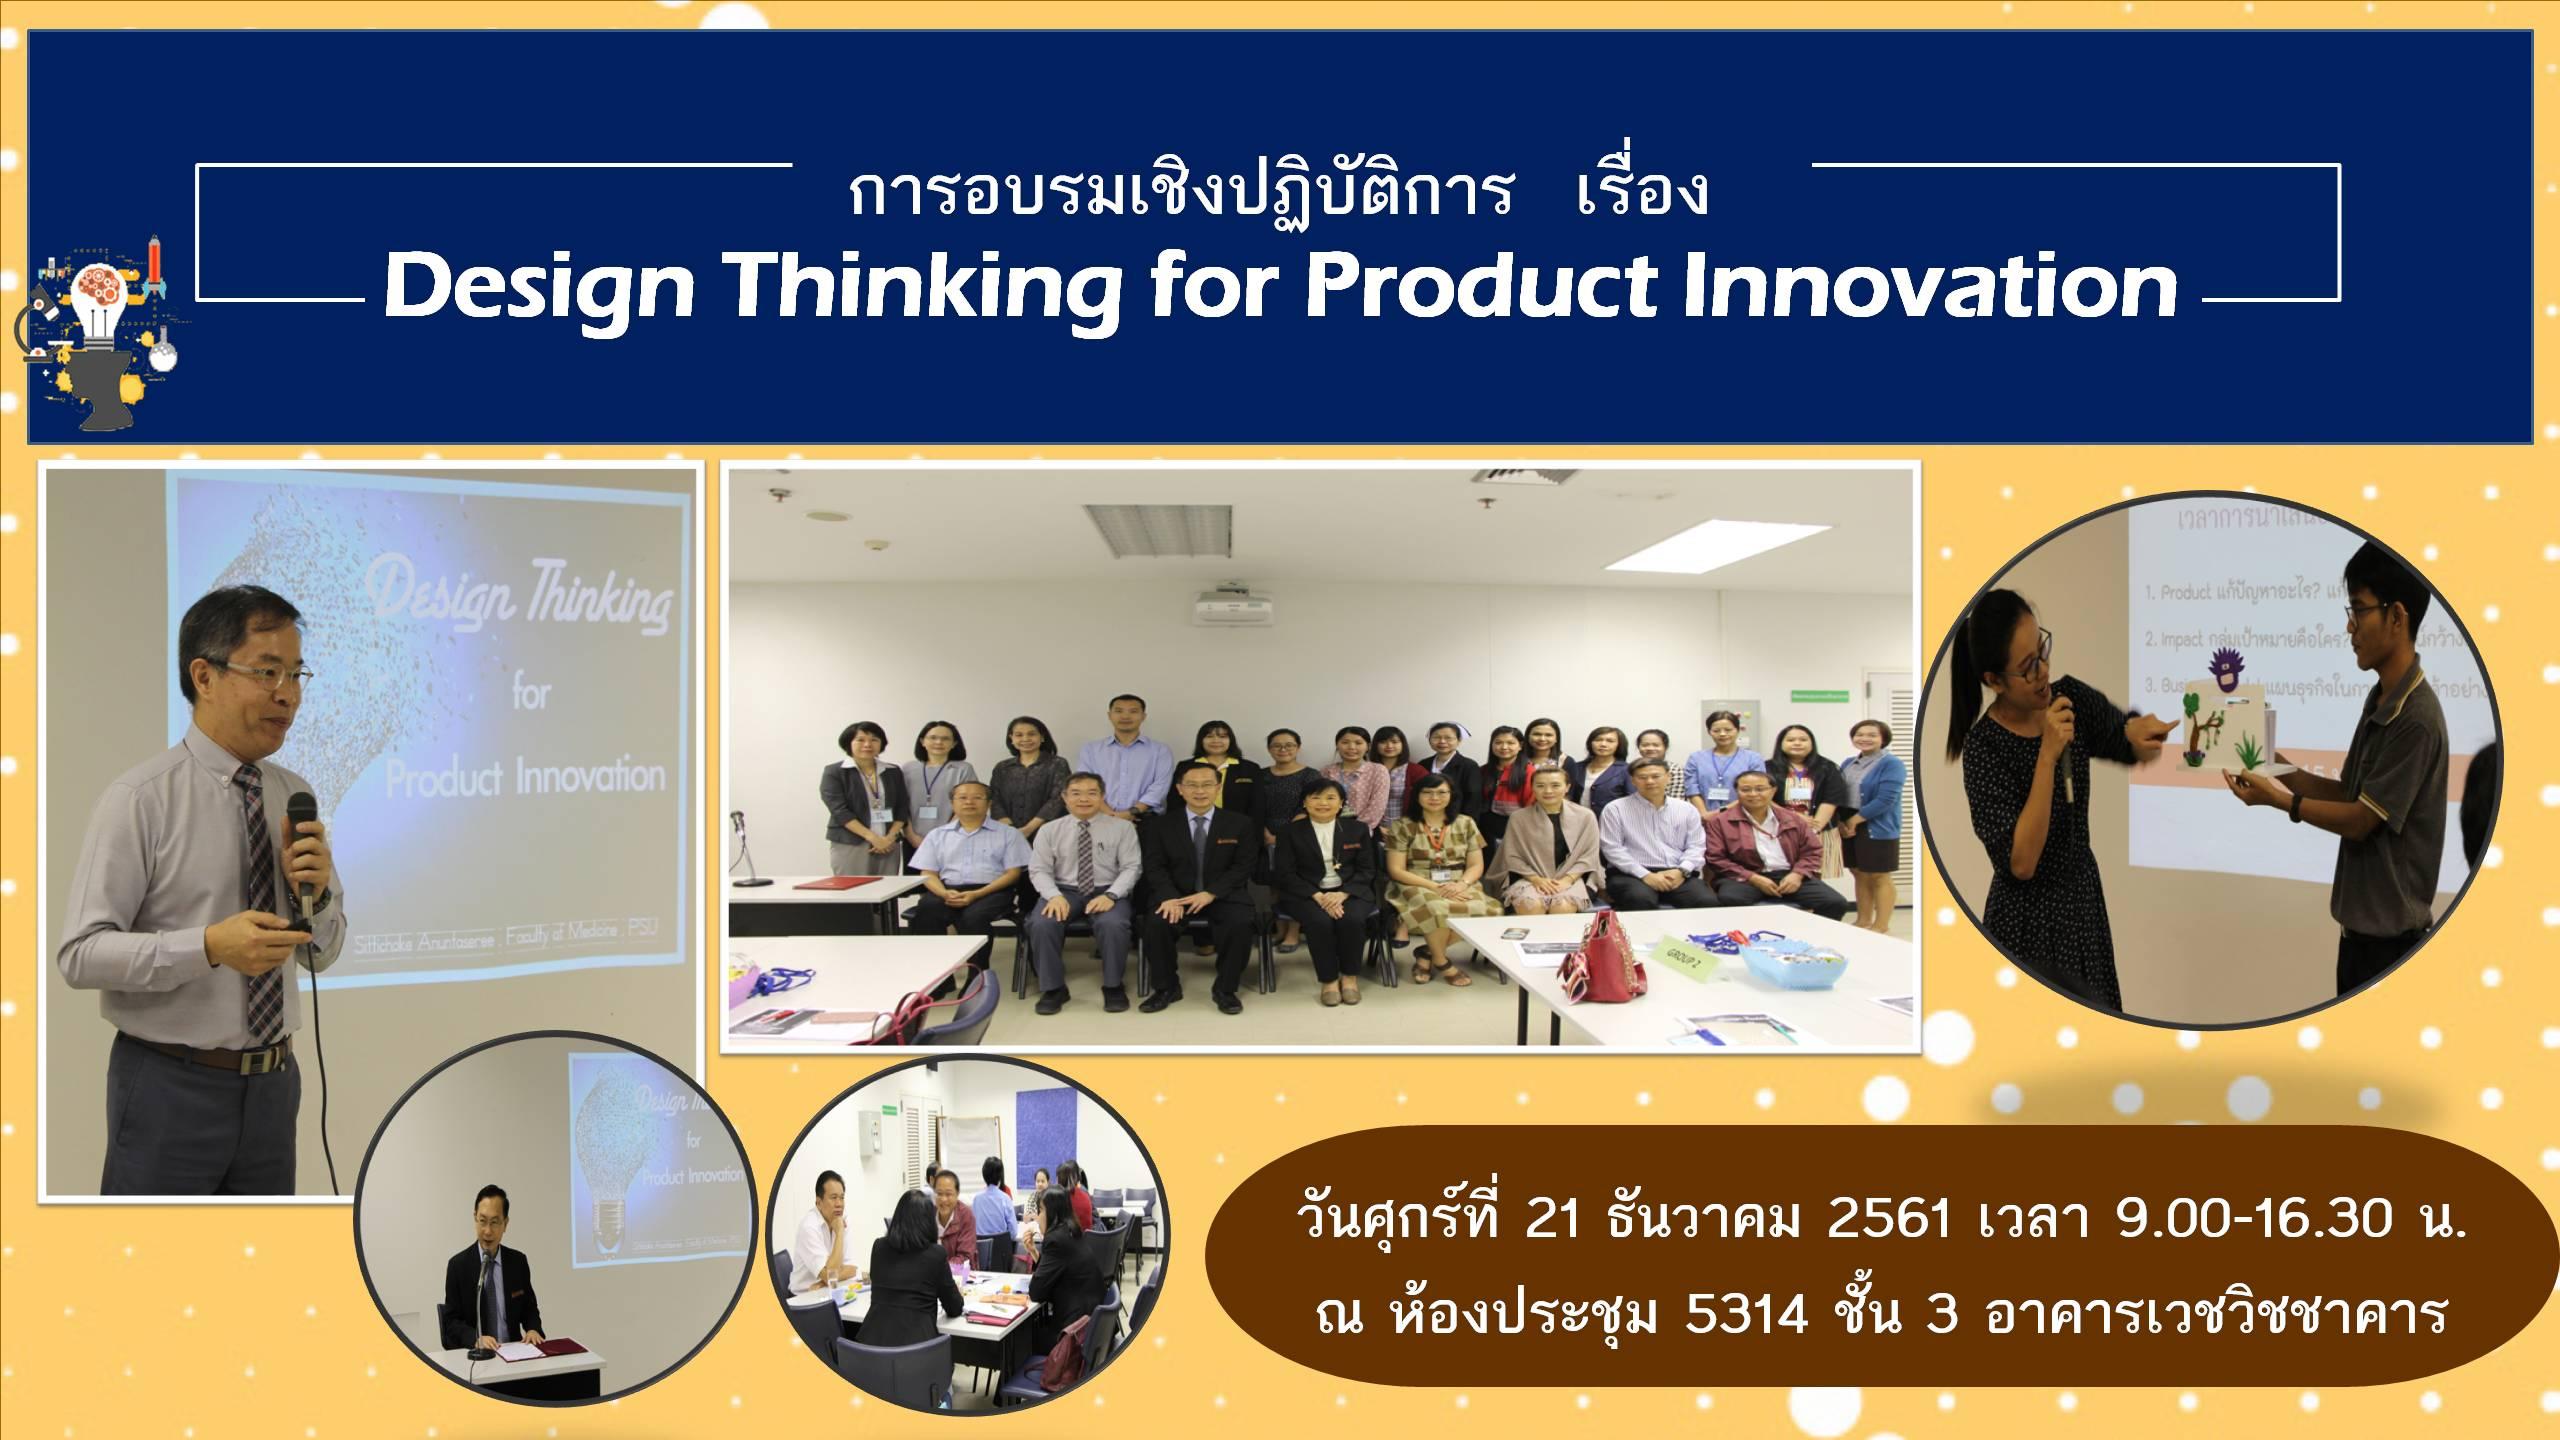 อบรมเชิงปฏิบัติการ เรื่อง Design thinking for product innovation